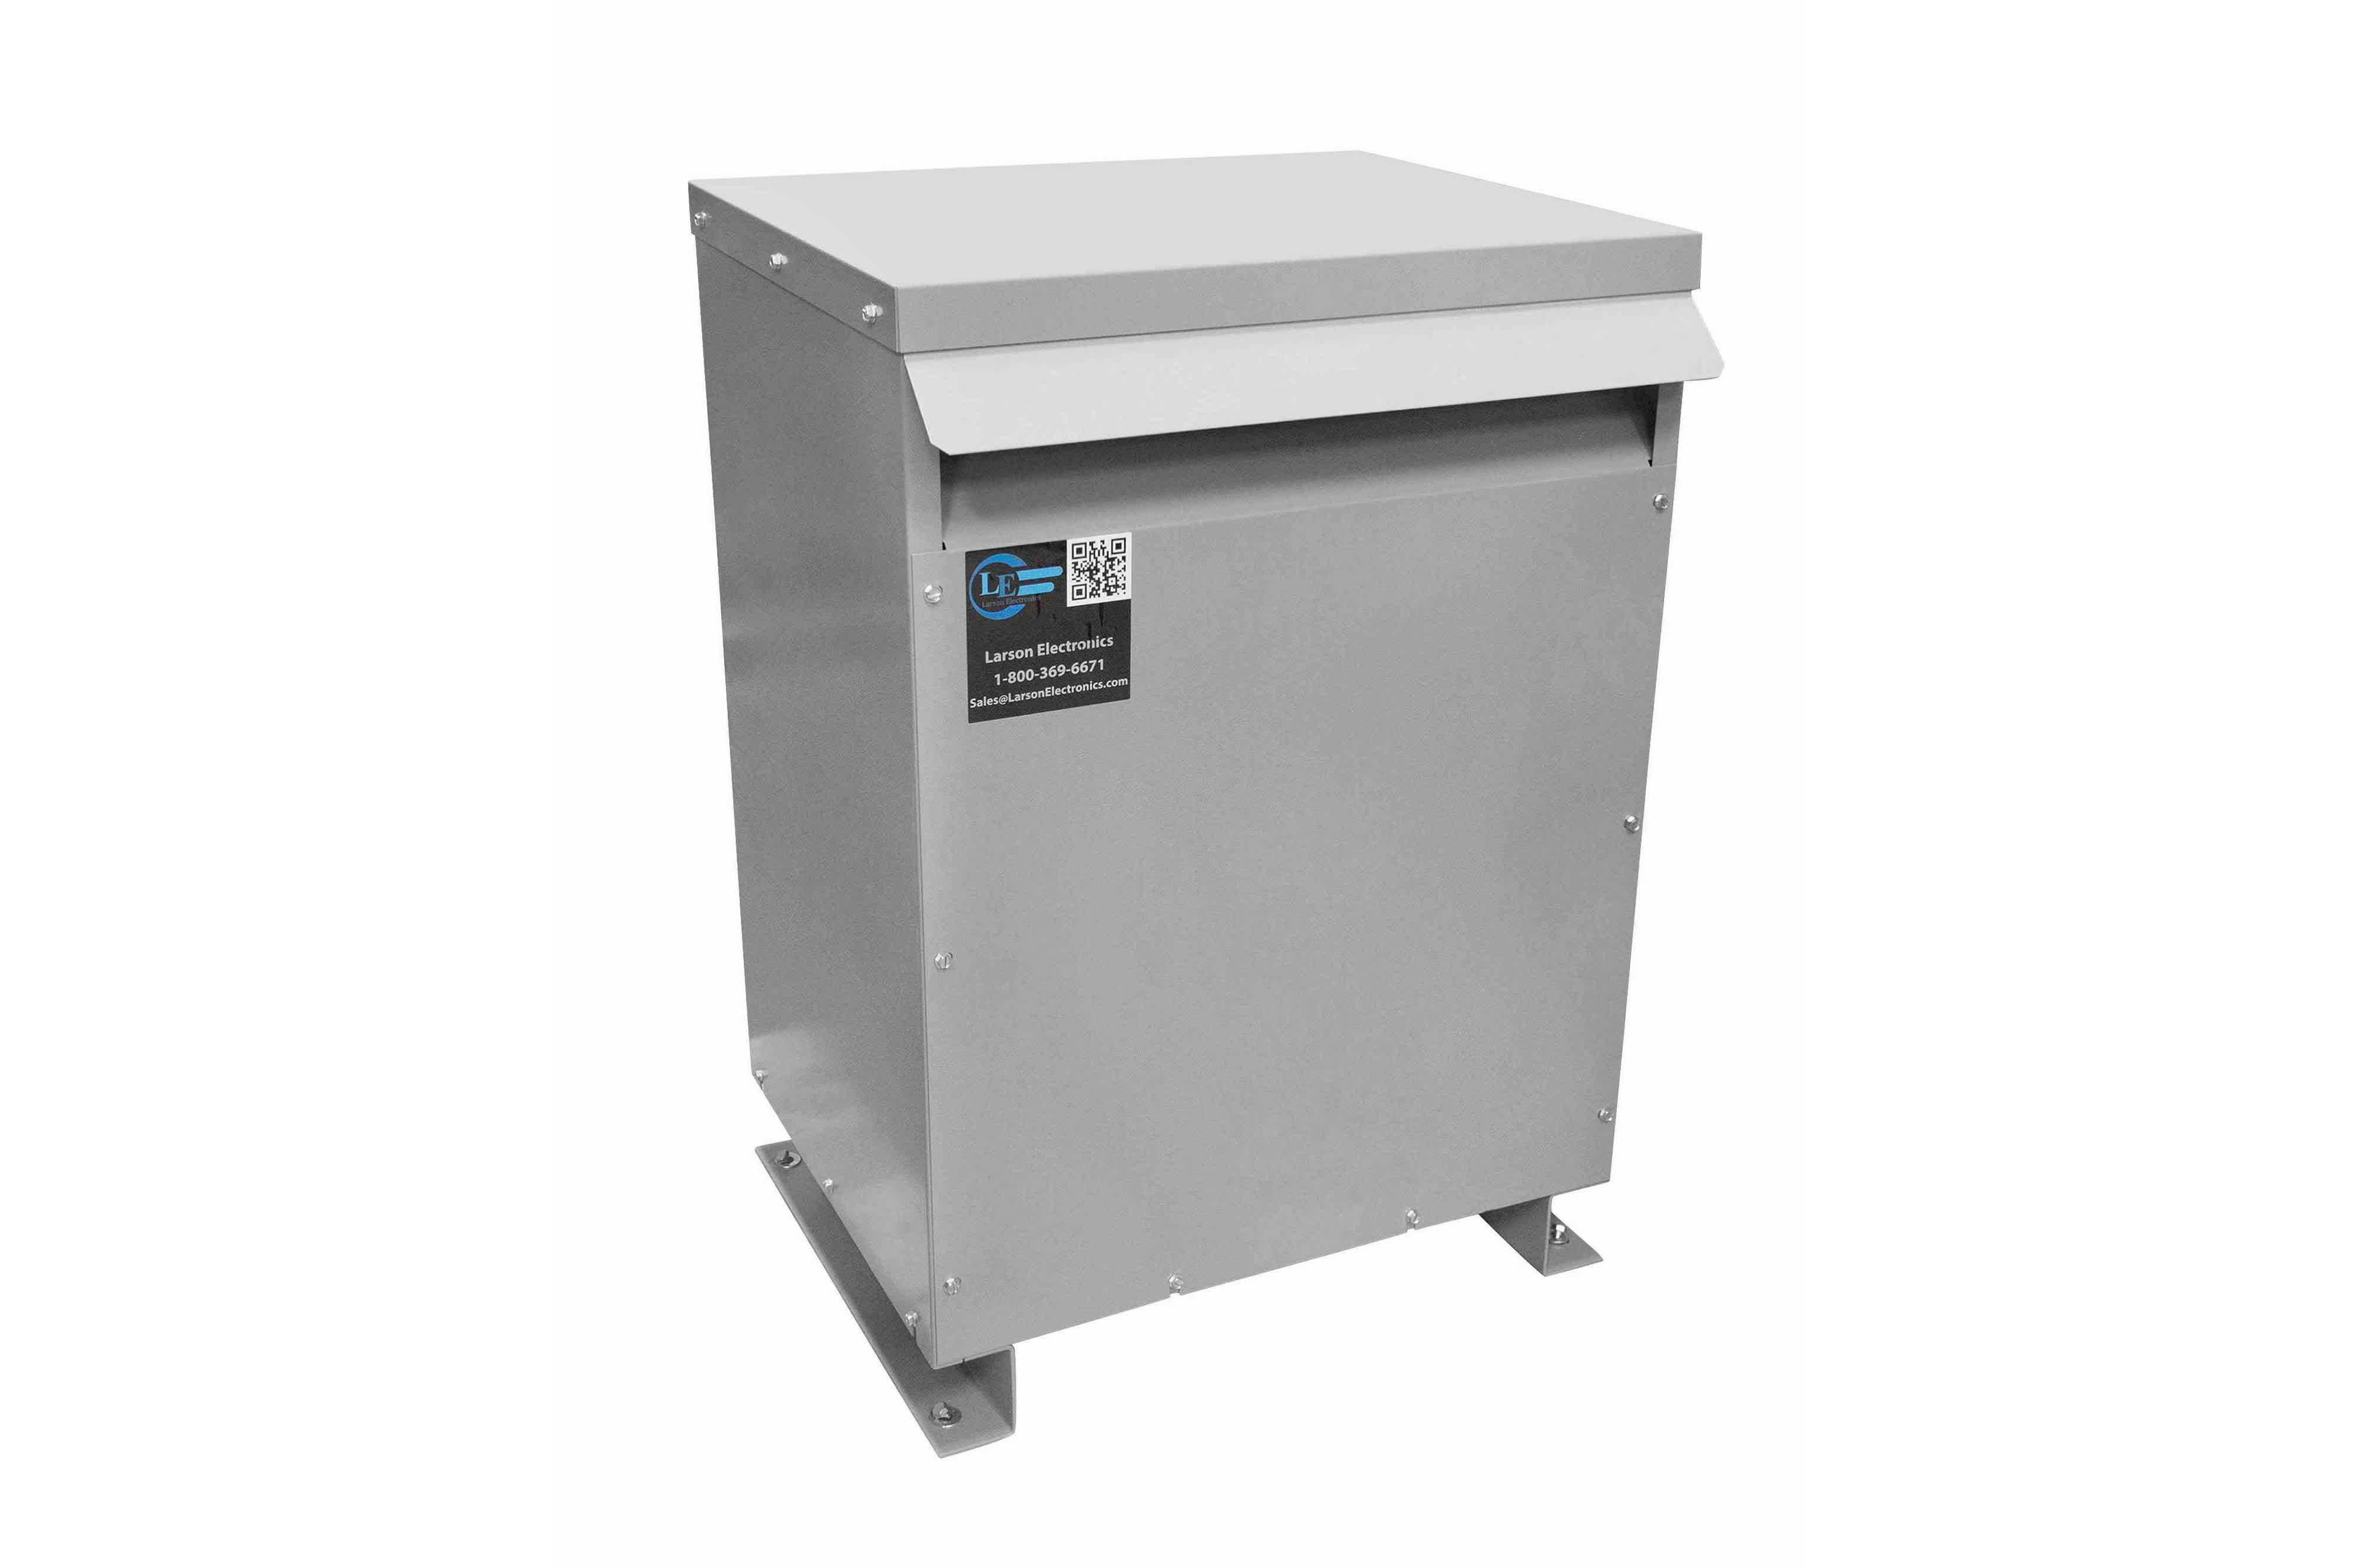 50 kVA 3PH Isolation Transformer, 380V Delta Primary, 208V Delta Secondary, N3R, Ventilated, 60 Hz